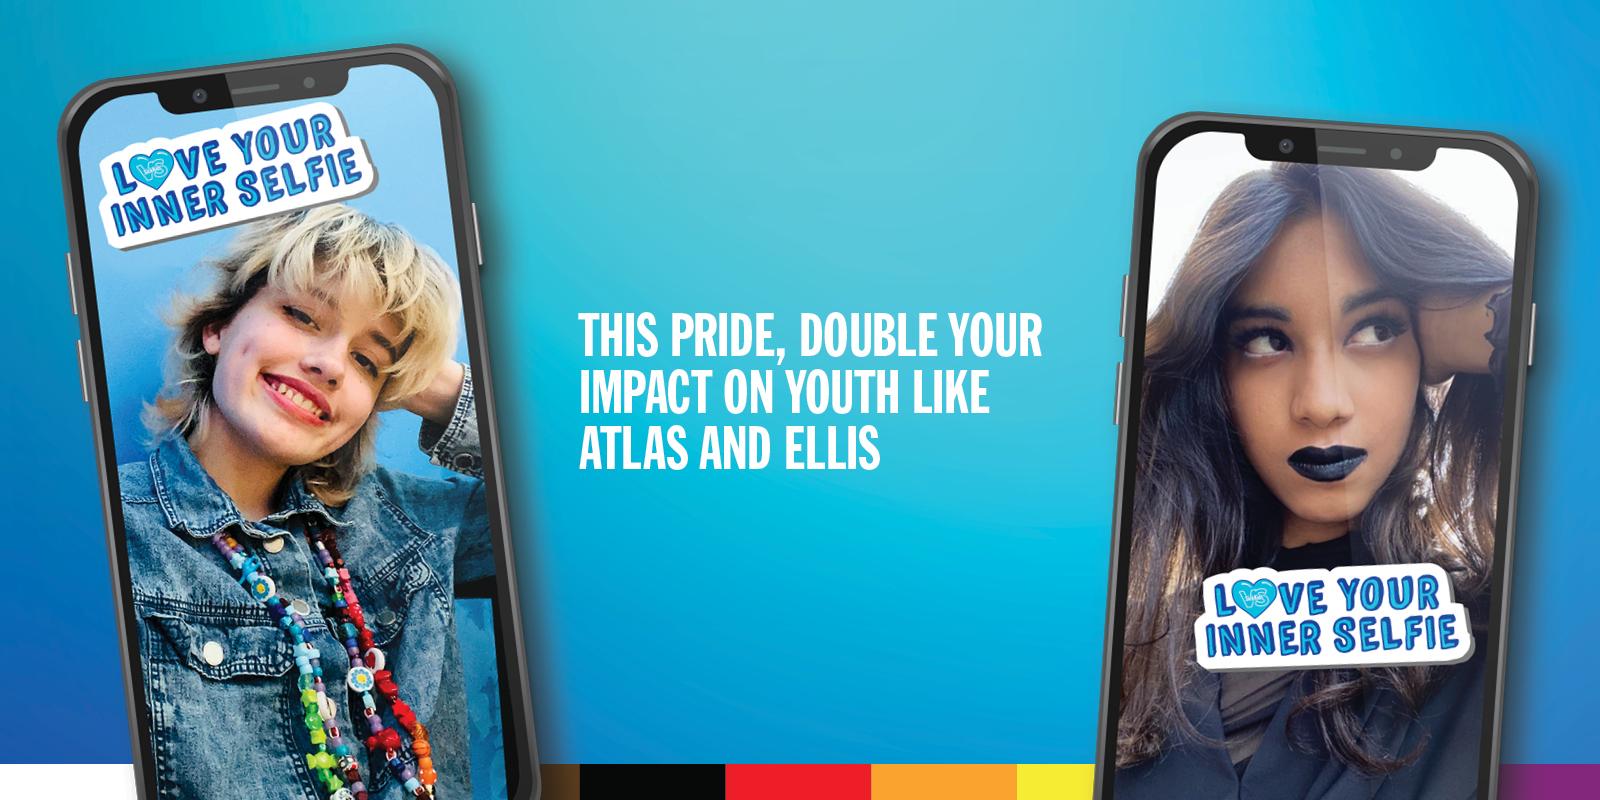 atlas, ellis, pride, sickkids patient, love your inner selfie